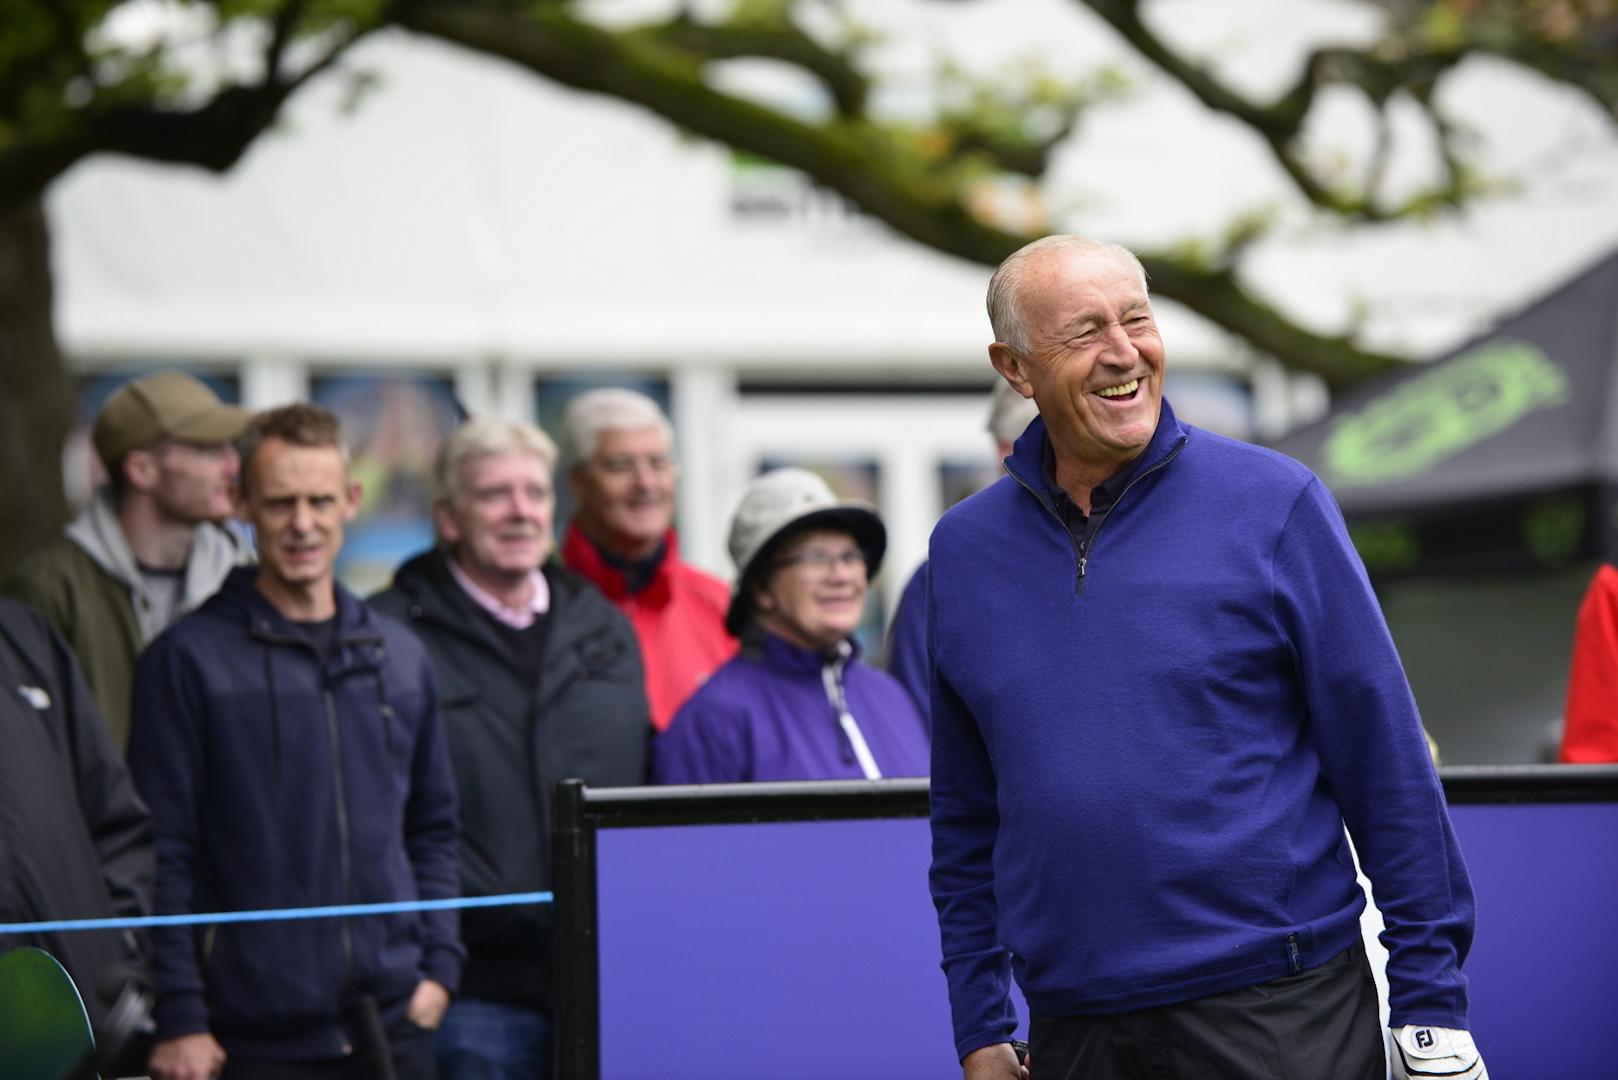 John Hartson and Len Goodman among early names announced